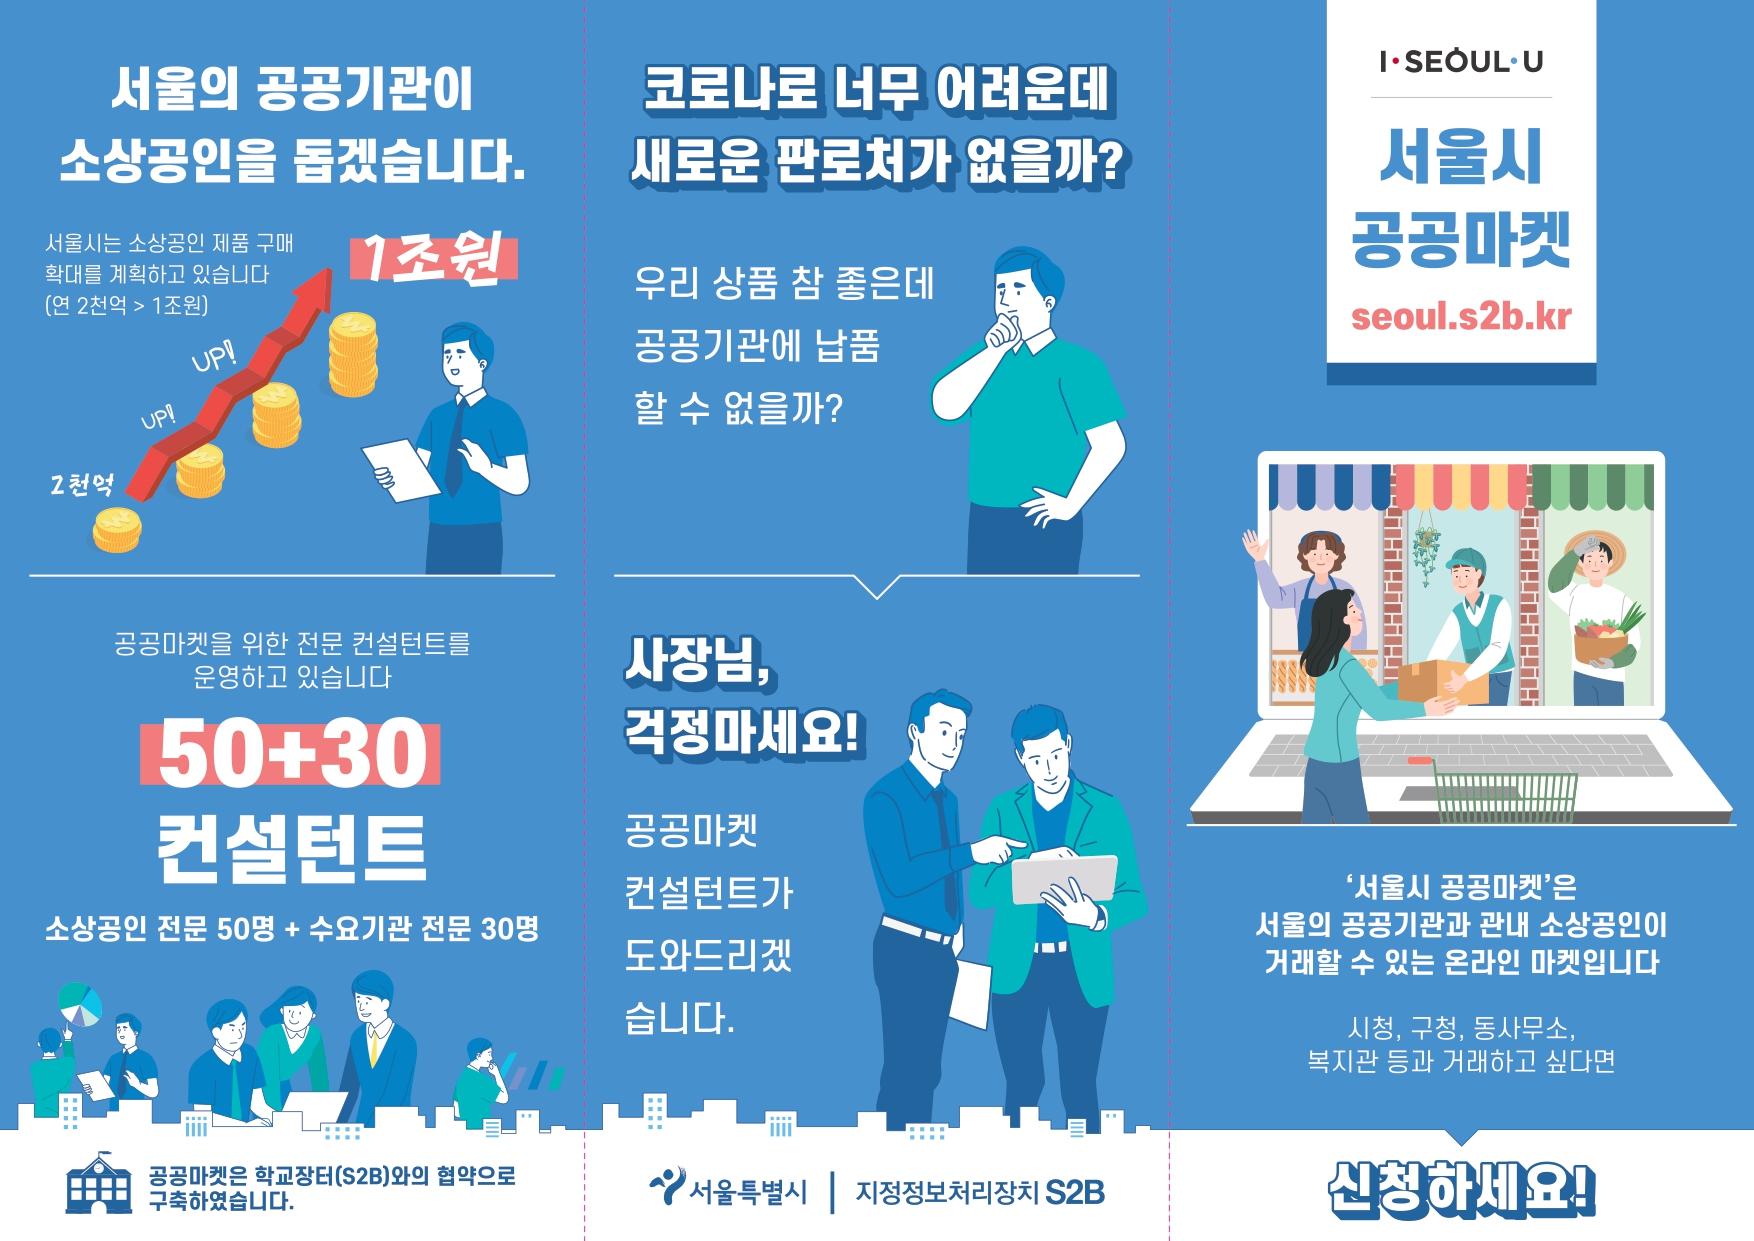 서울시공공마켓은 서울의 공공기관과 관내 소상공인이 거래할 수 있는 온라인 마켓입니다. 서울의 공공기관이 소상공인을 돕겠습니다. 코로나로 너무 어려운데 새로운 판로처가 없을까? 사장님 걱정마세요 공공마켓 컨설턴트가 도와드리겠습니다.  상담센터: 소상공인: 02-3429-3175, 수요기관: 02-2191-3708